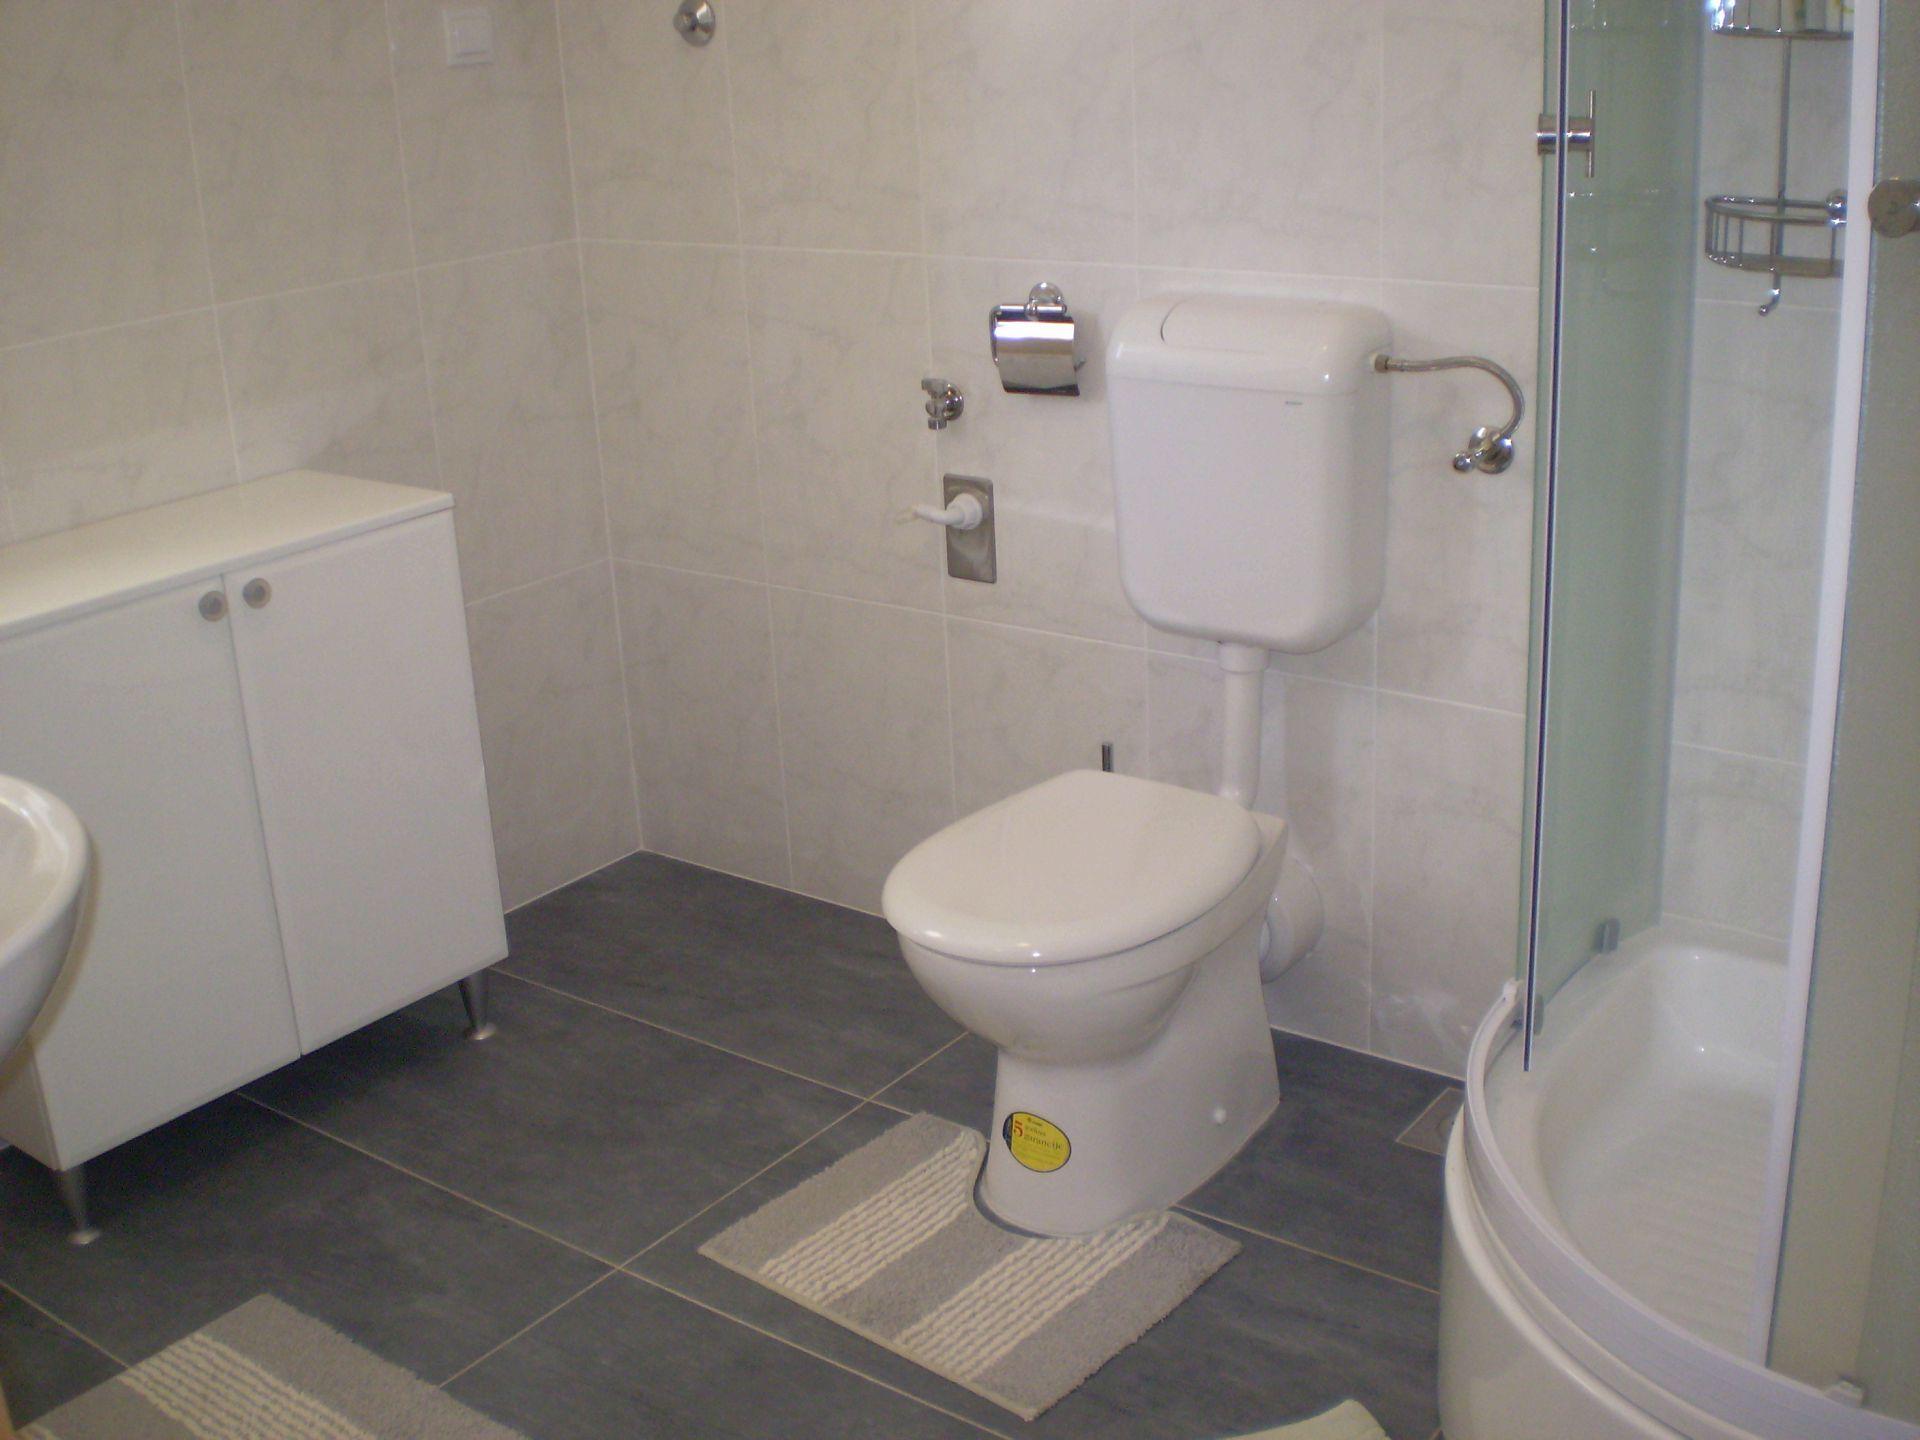 001HVAR - Hvar - Appartementen Kroatië - A1(4): badkamer met toilet